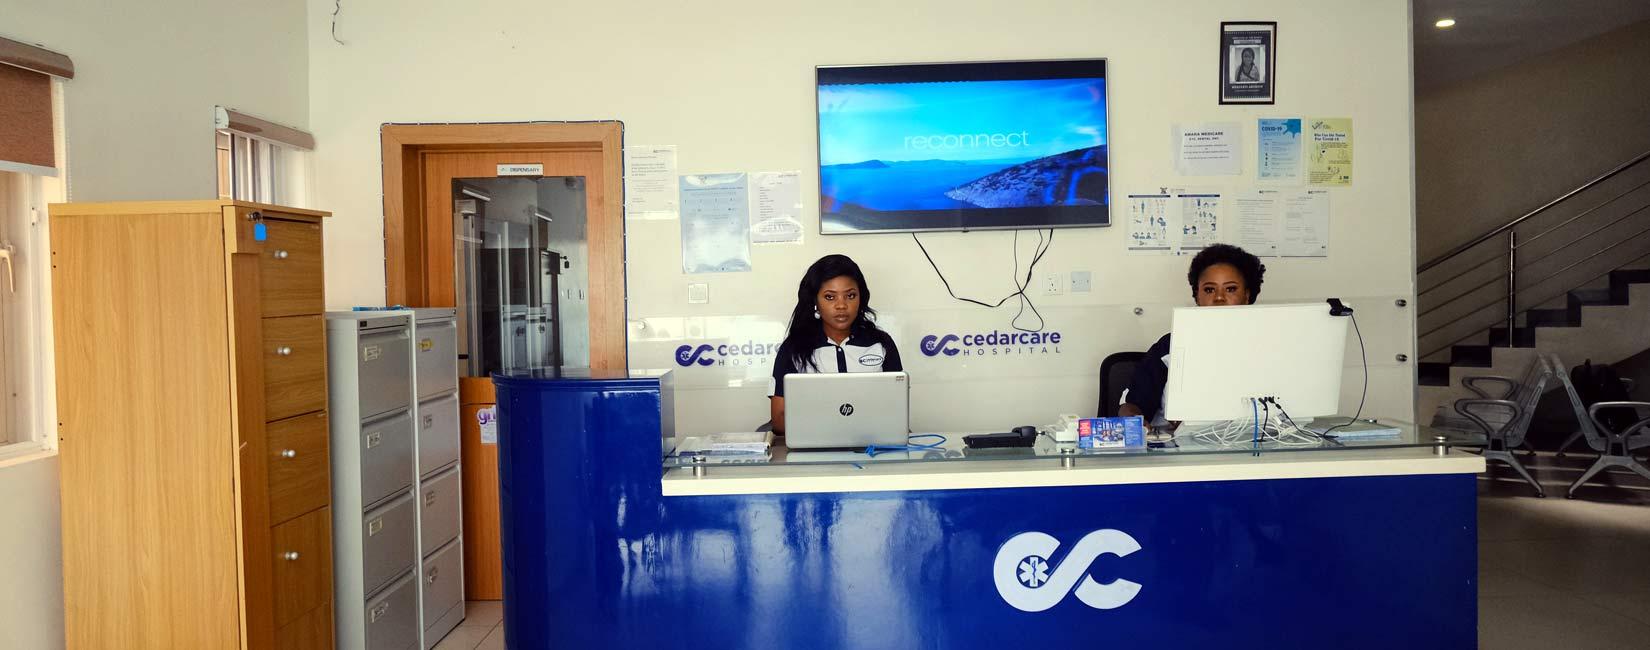 Cedarcare